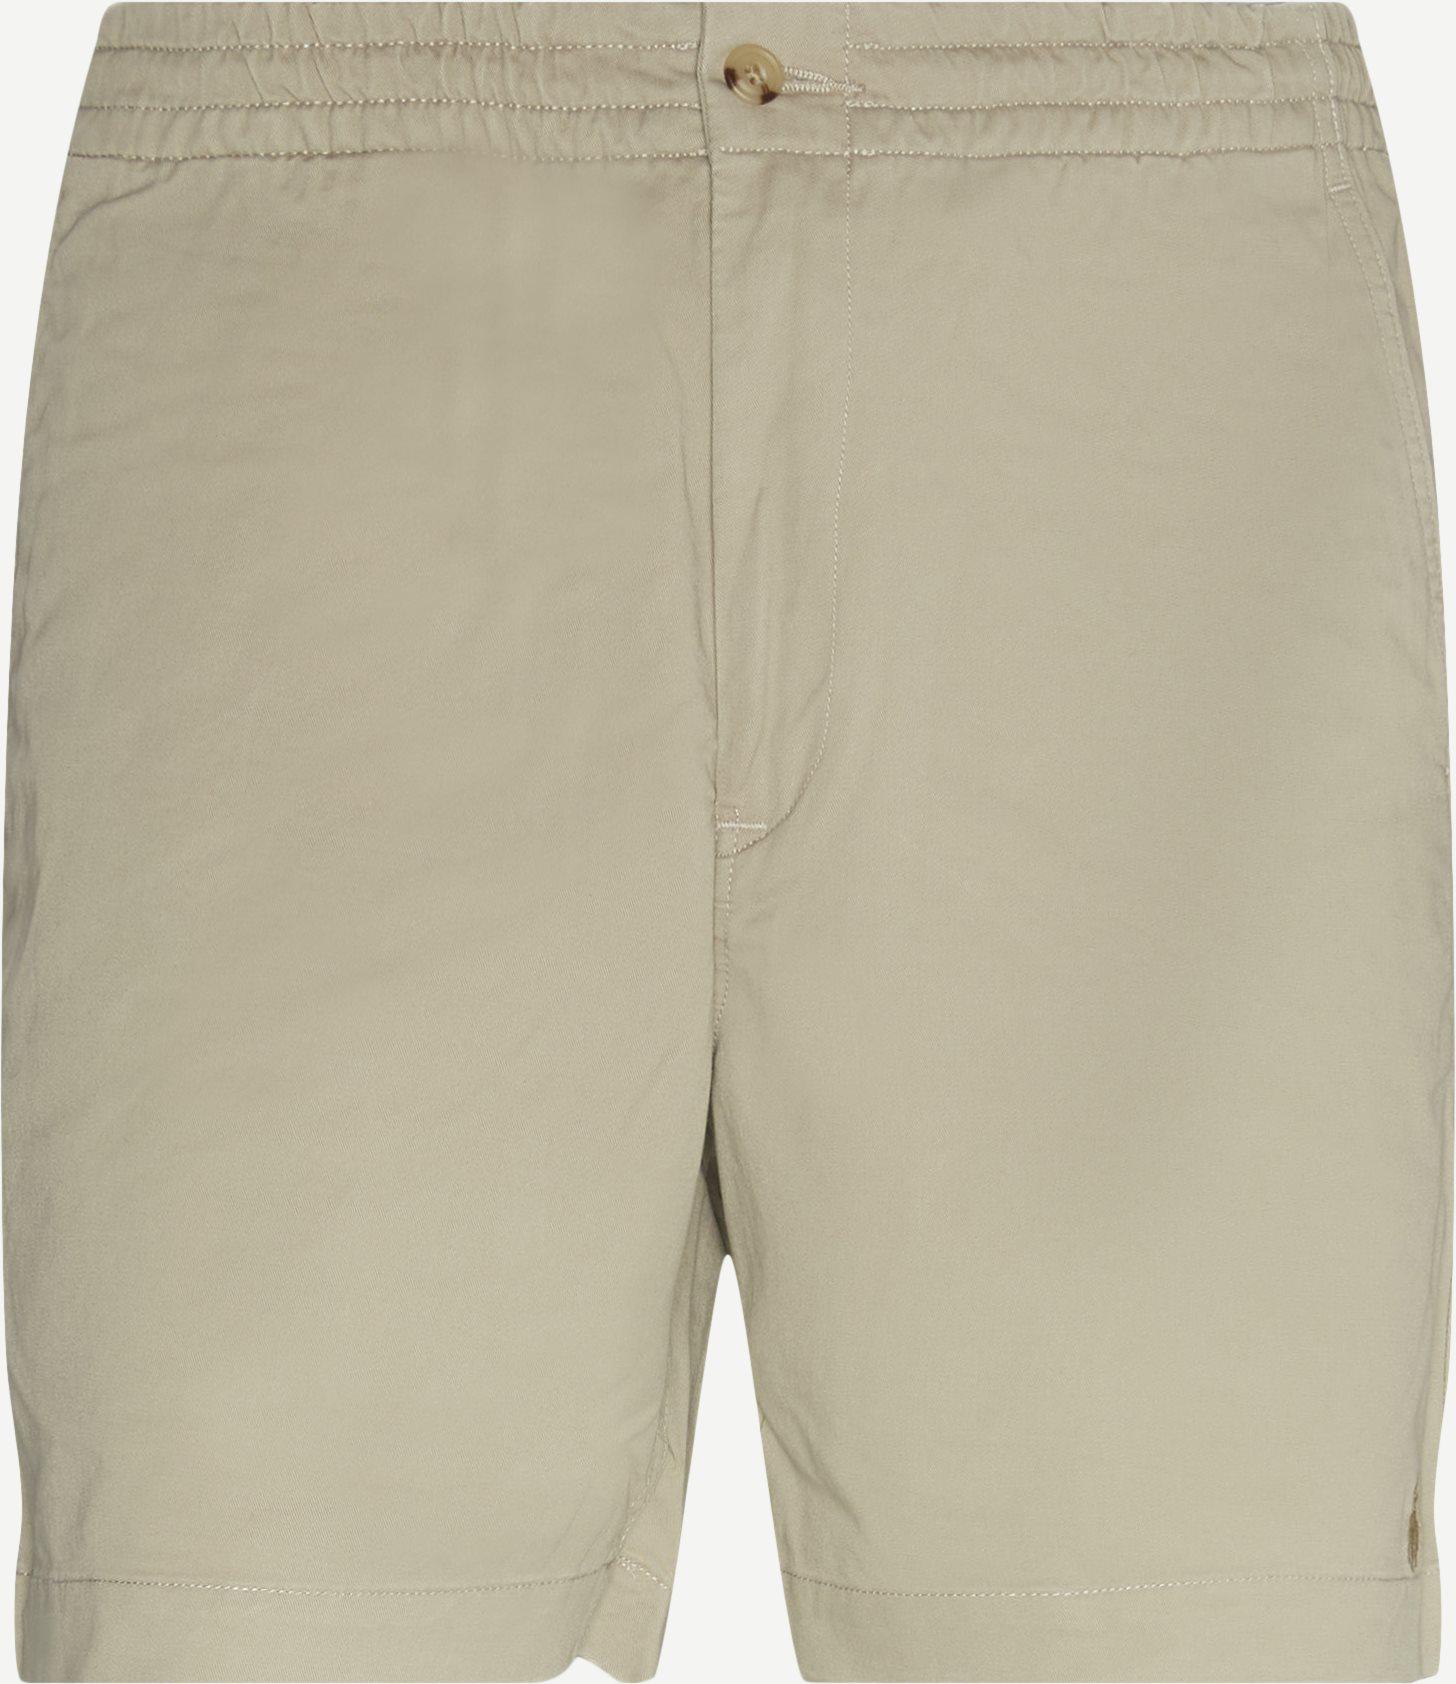 Chino Shorts - Shorts - Regular fit - Sand